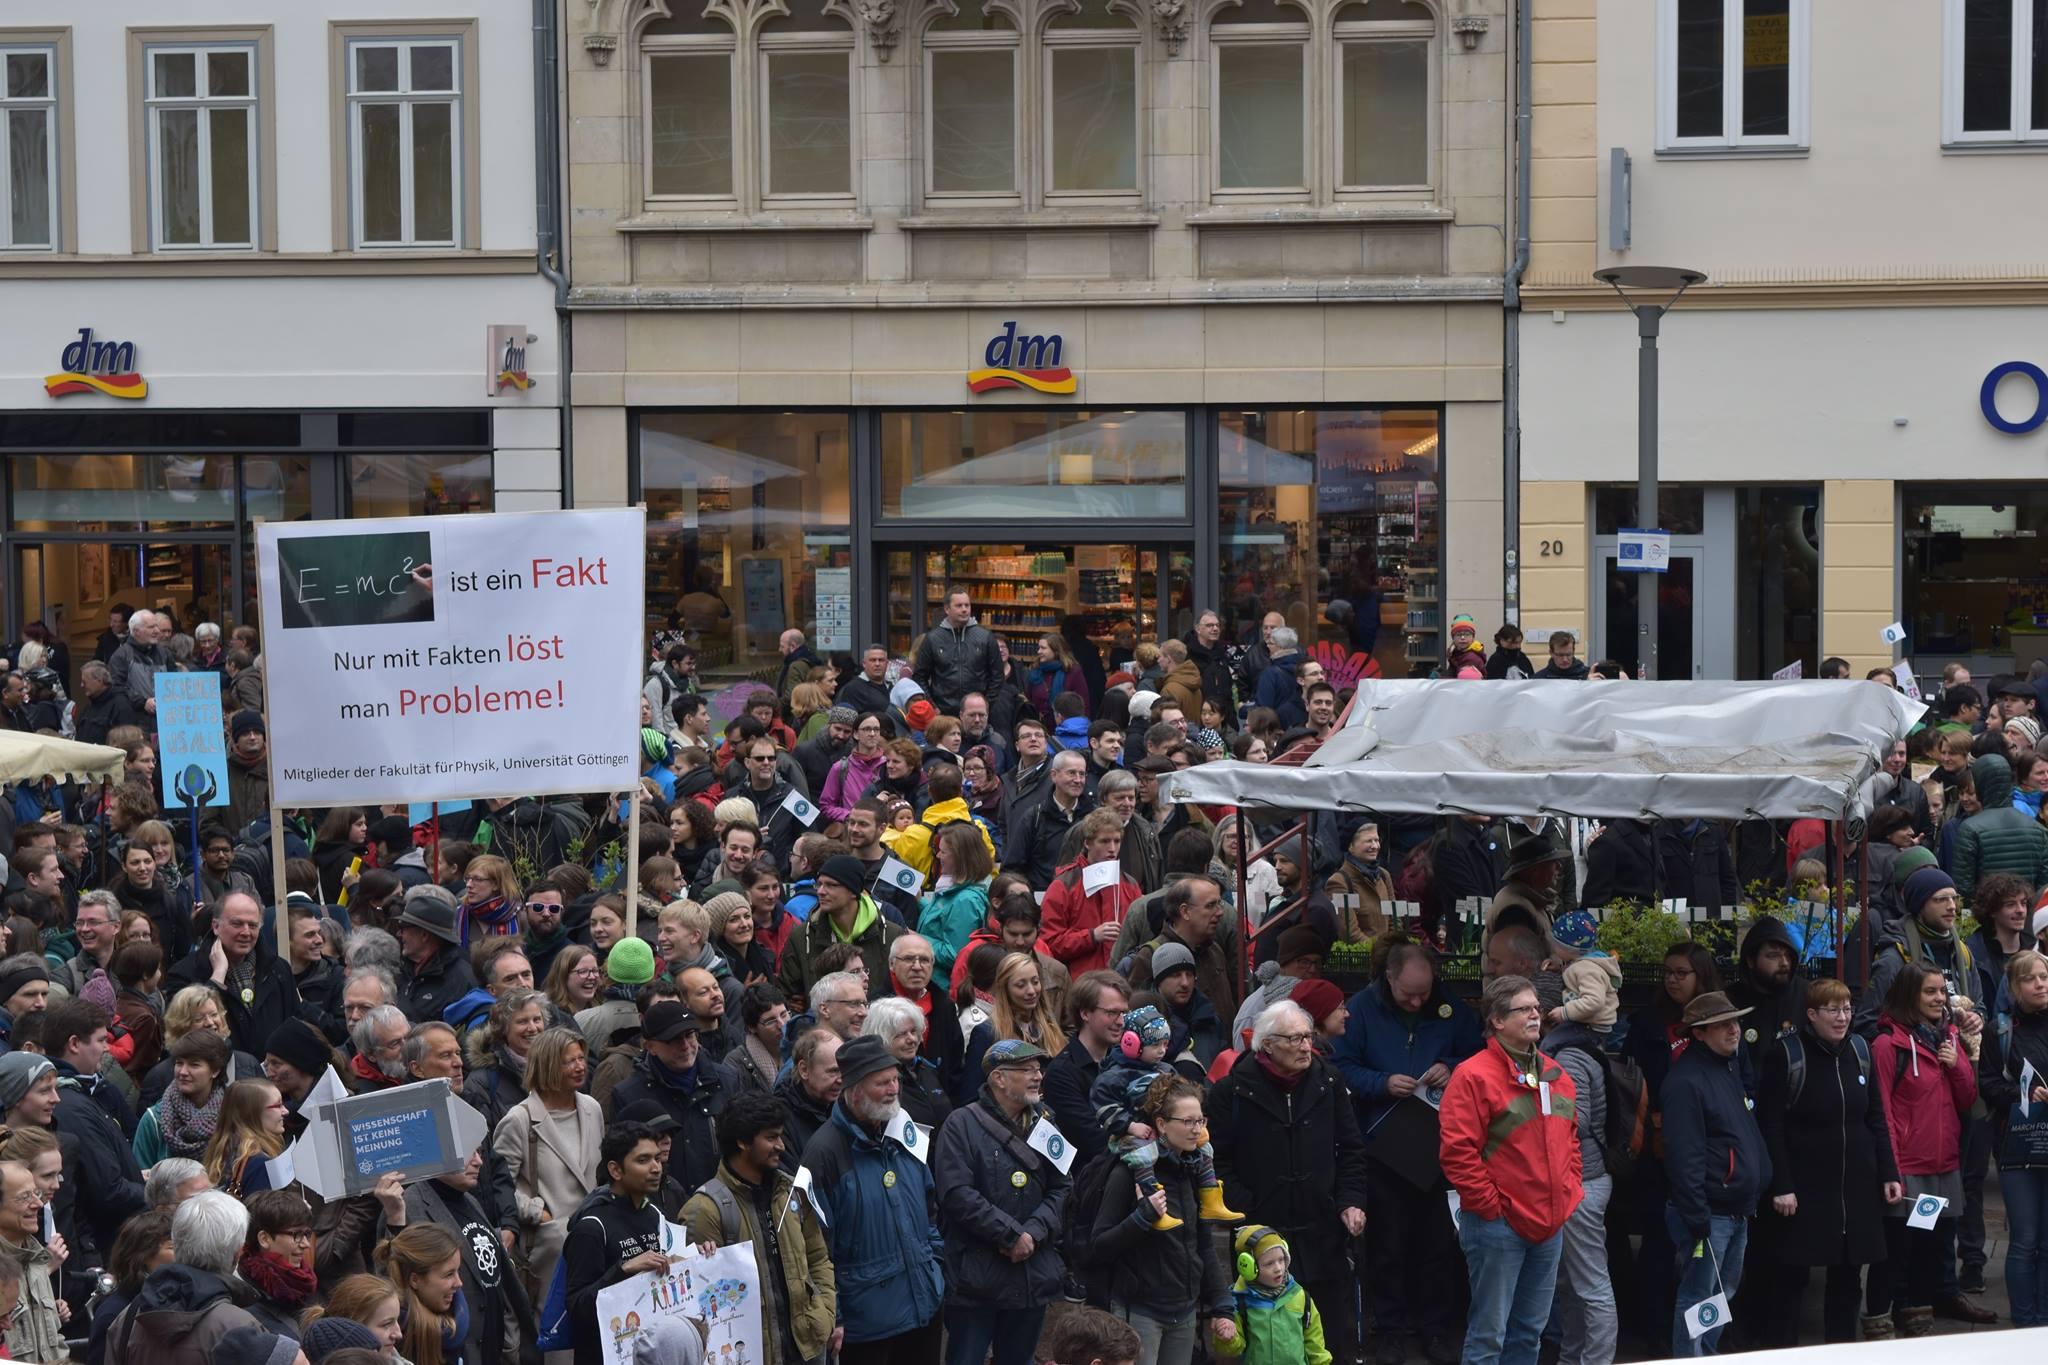 Demontsranten sammeln sich vor dem Alten Rathaus. Foto: Hatice Karakus